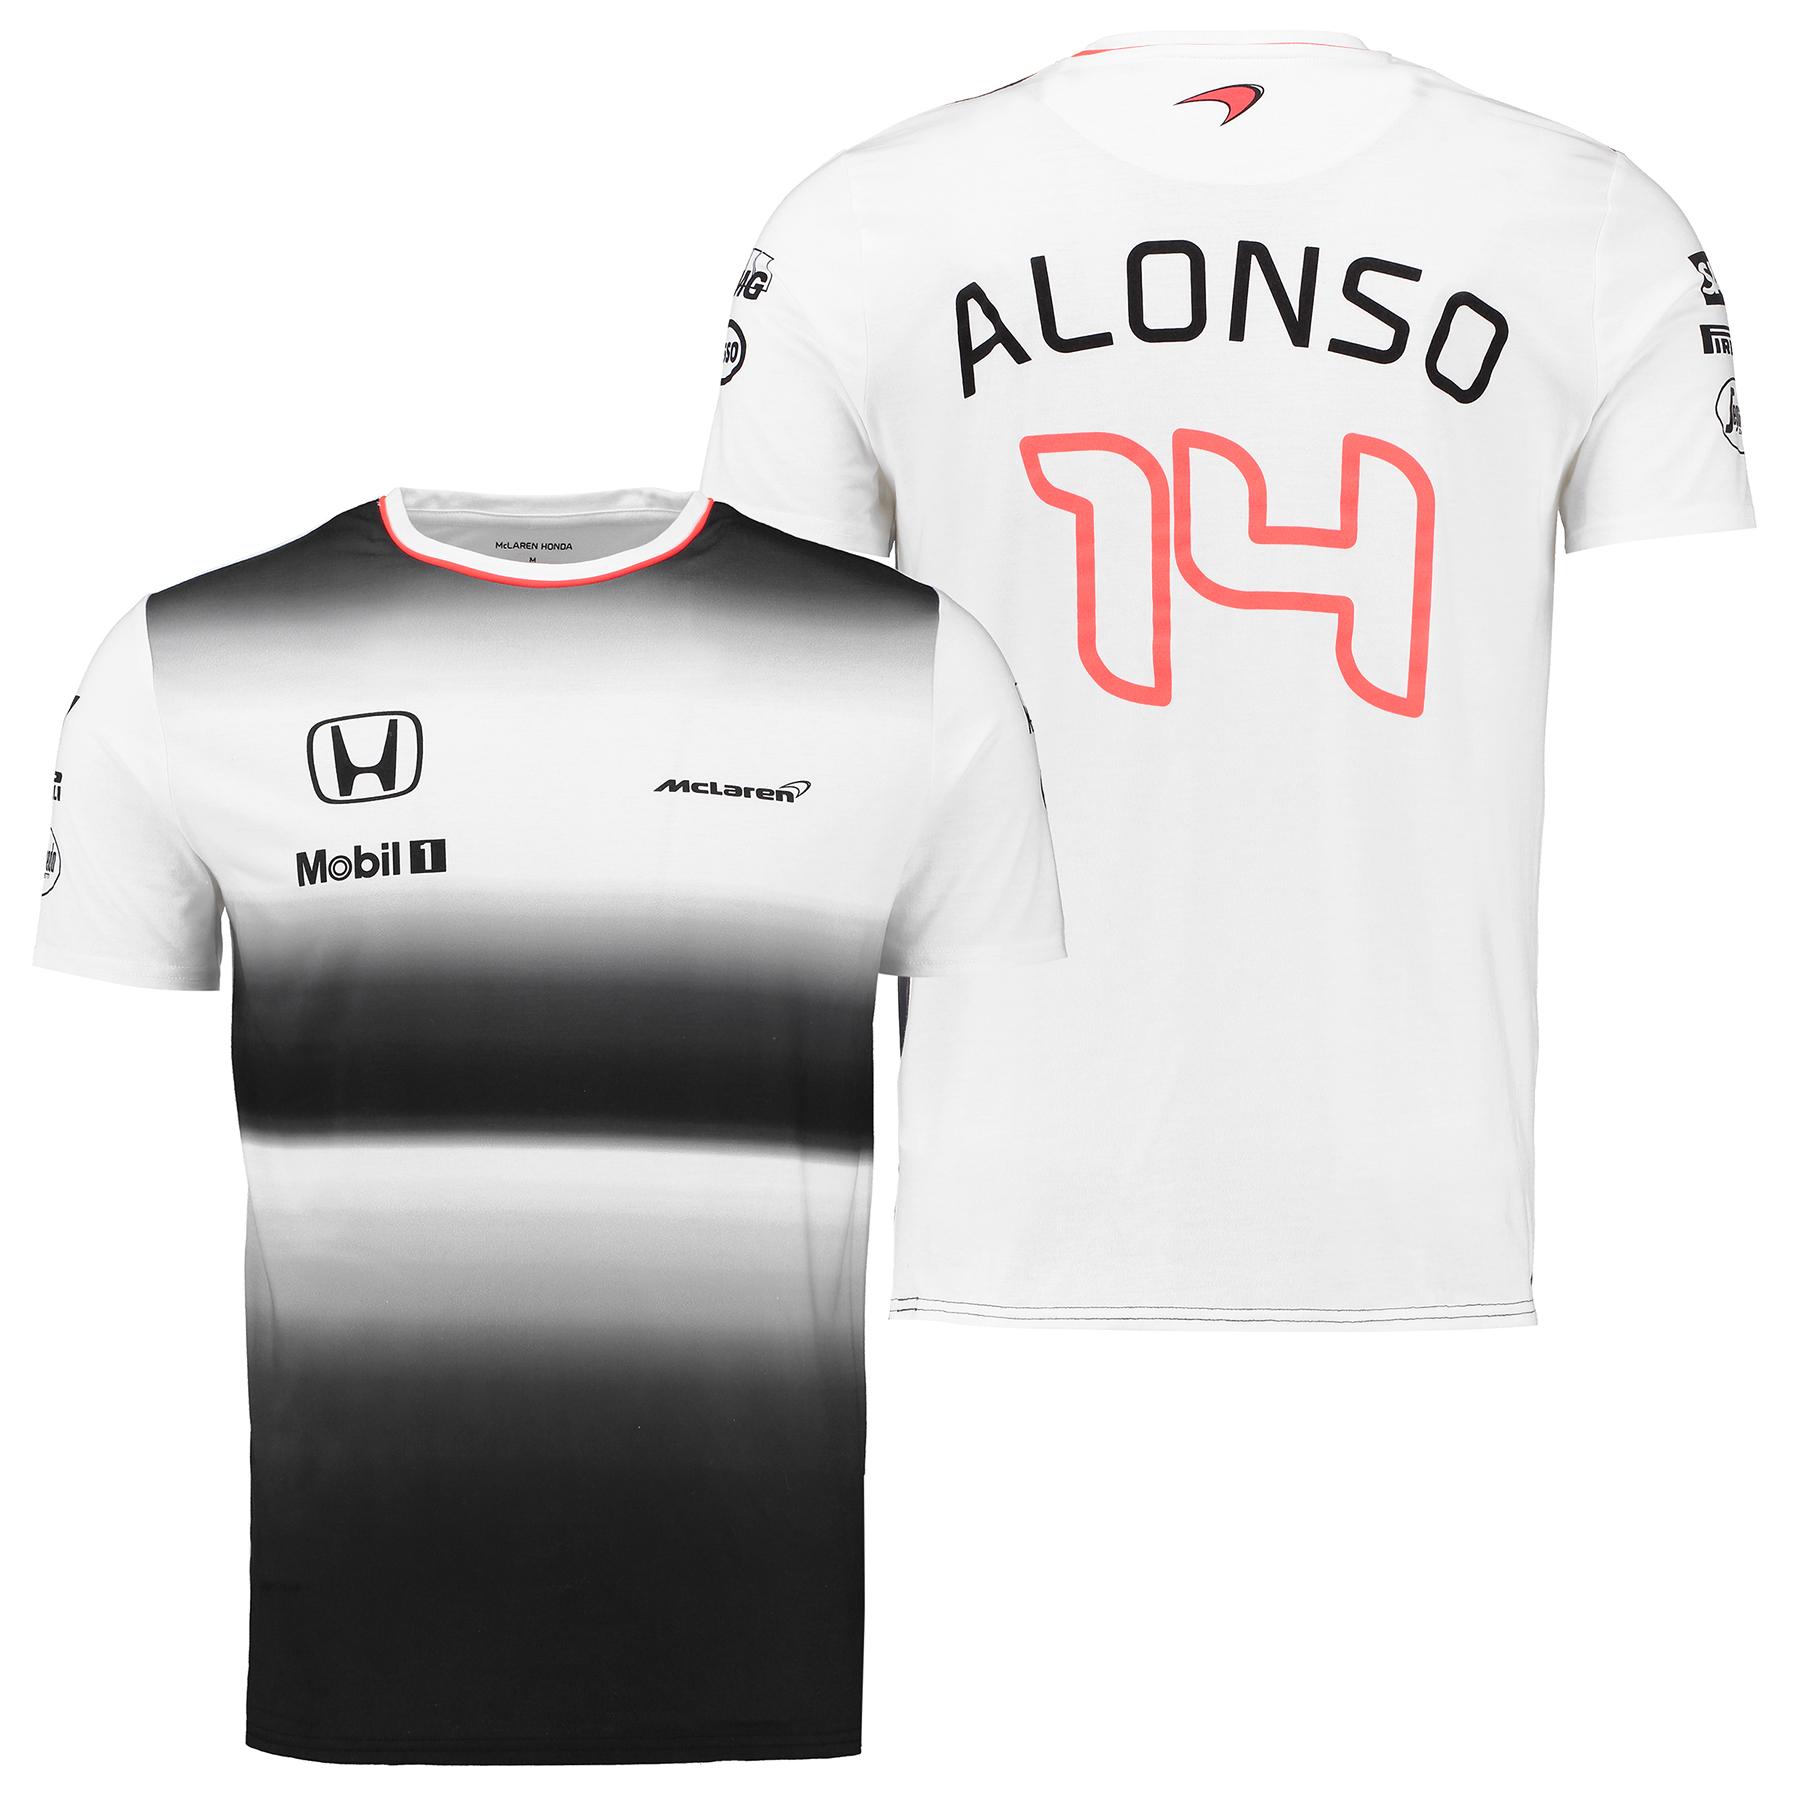 McLaren Honda Official 2016 Fernando Alonso T-Shirt